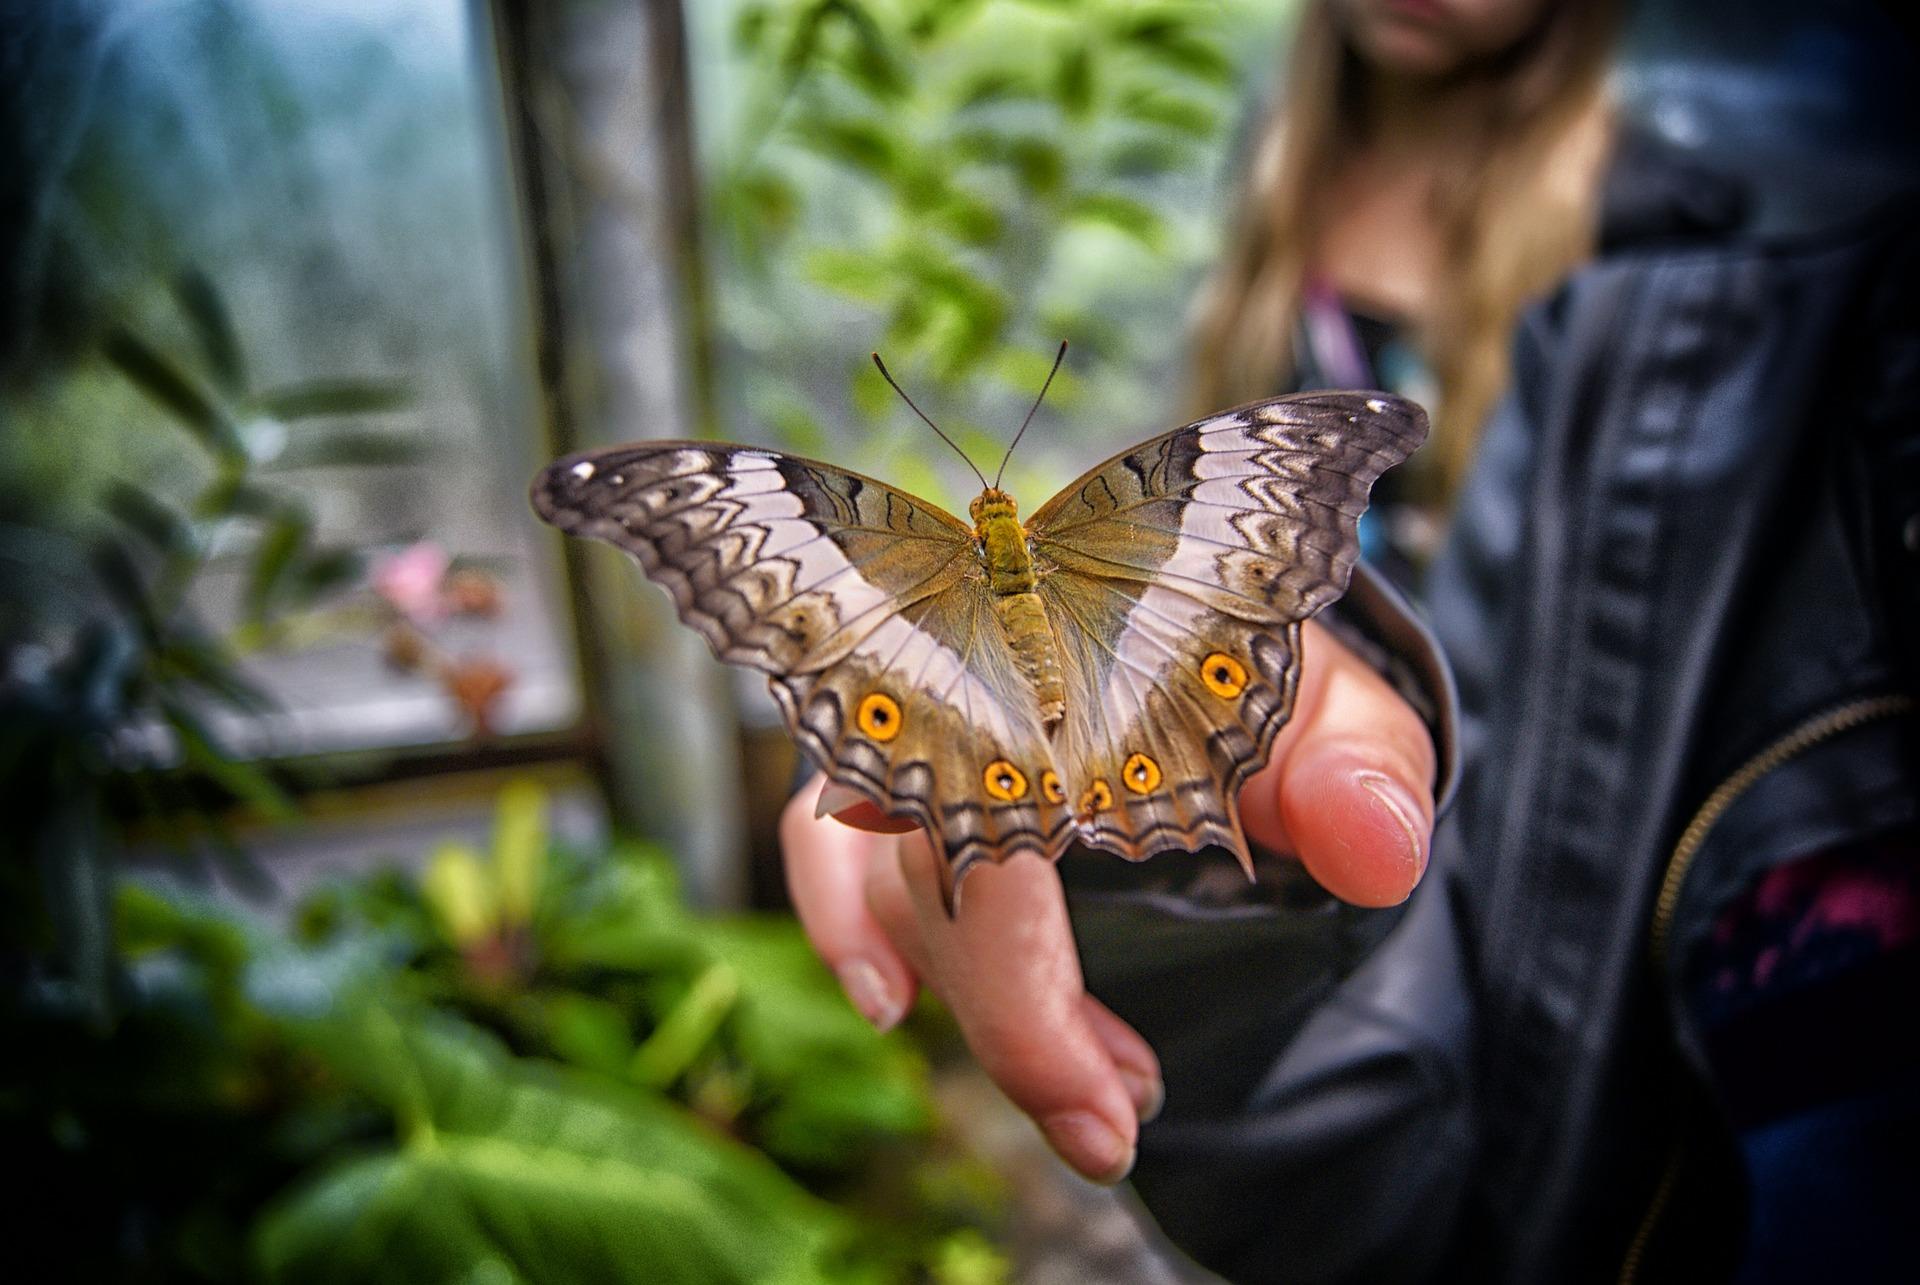 Ozbiljno upozorenje čovječanstvu: Pred izumiranjem pola miliona vrsta insekata